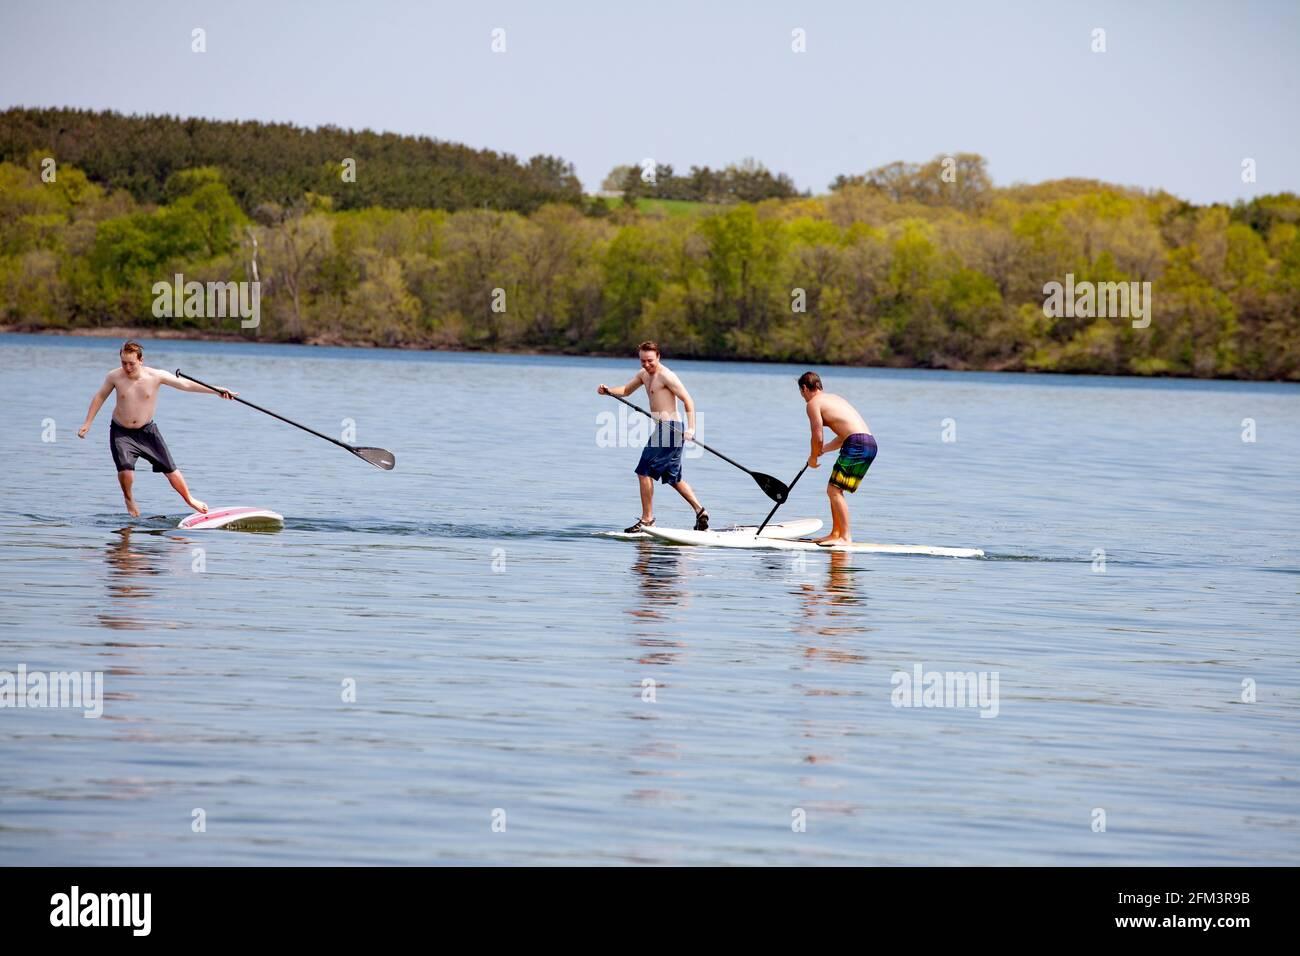 Tres adolescentes retozando juntos en tablas de remo en el tranquilo lago Clitherall. Clitherall Minnesota MN Estados Unidos Foto de stock